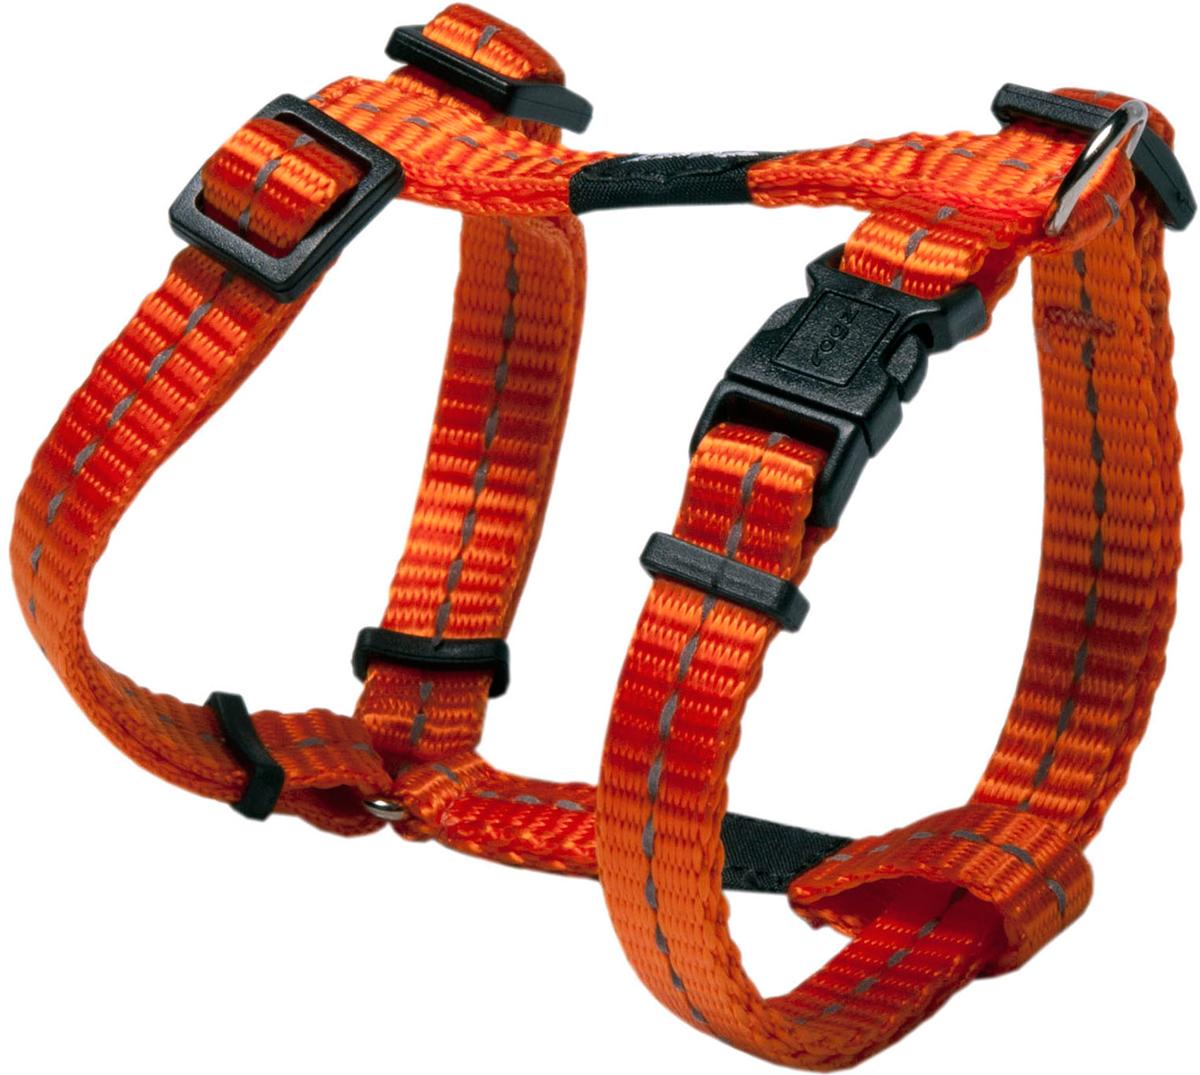 Шлейка для собак Rogz  Utility , цвет: оранжевый, ширина 1,1 см. Размер S - Товары для прогулки и дрессировки (амуниция)